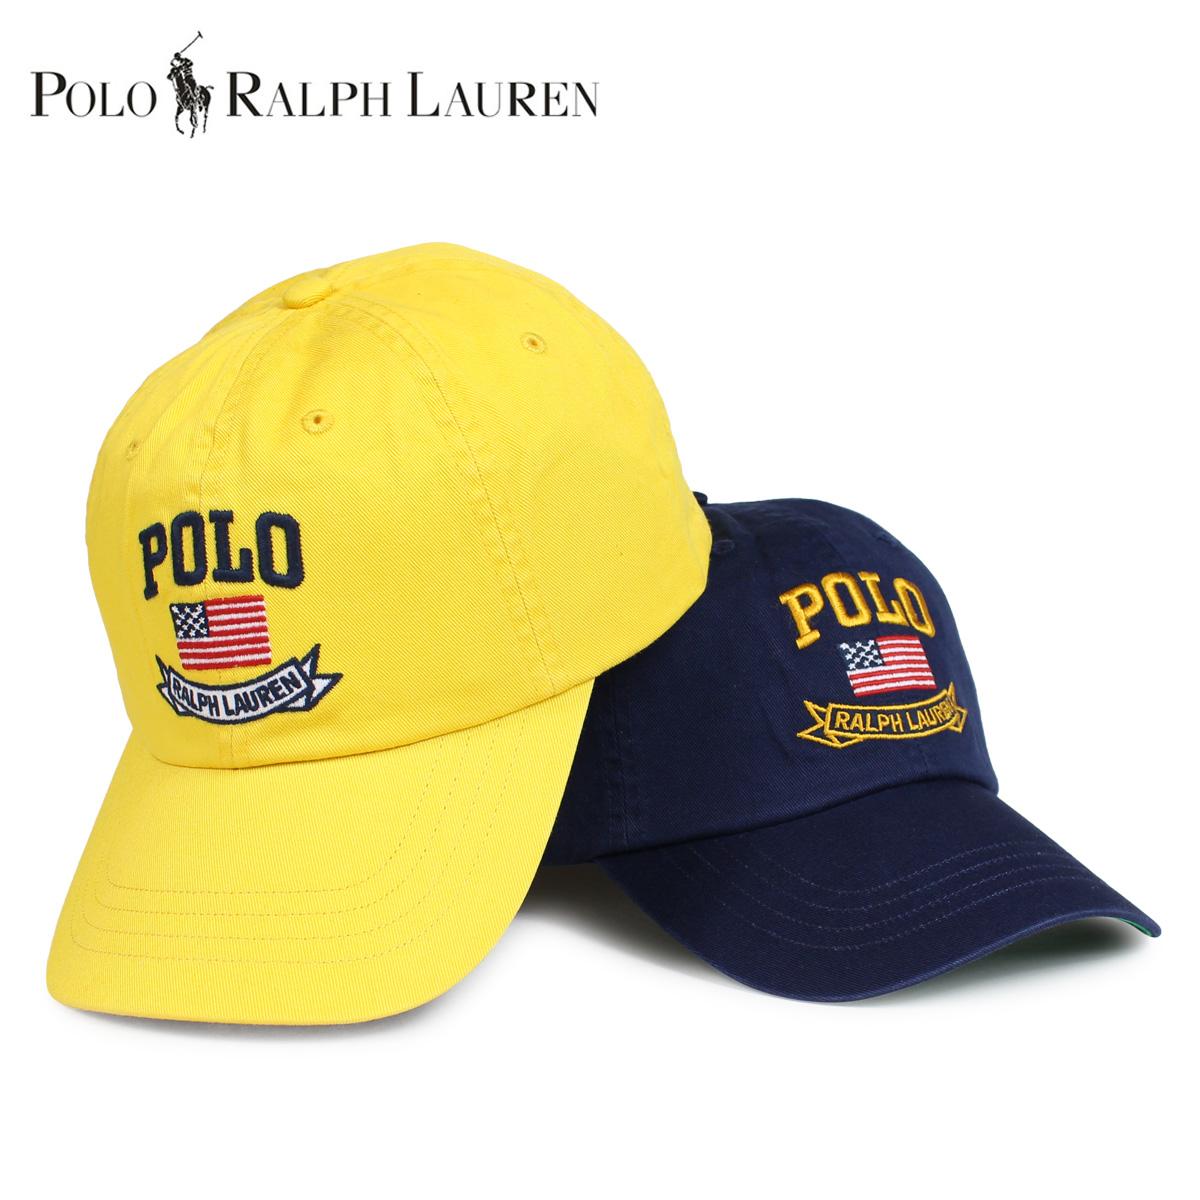 376a9c8d3c0 POLO RALPH LAUREN polo Ralph Lauren cap hat baseball cap men navy yellow  710706148  12 20 Shinnyu load